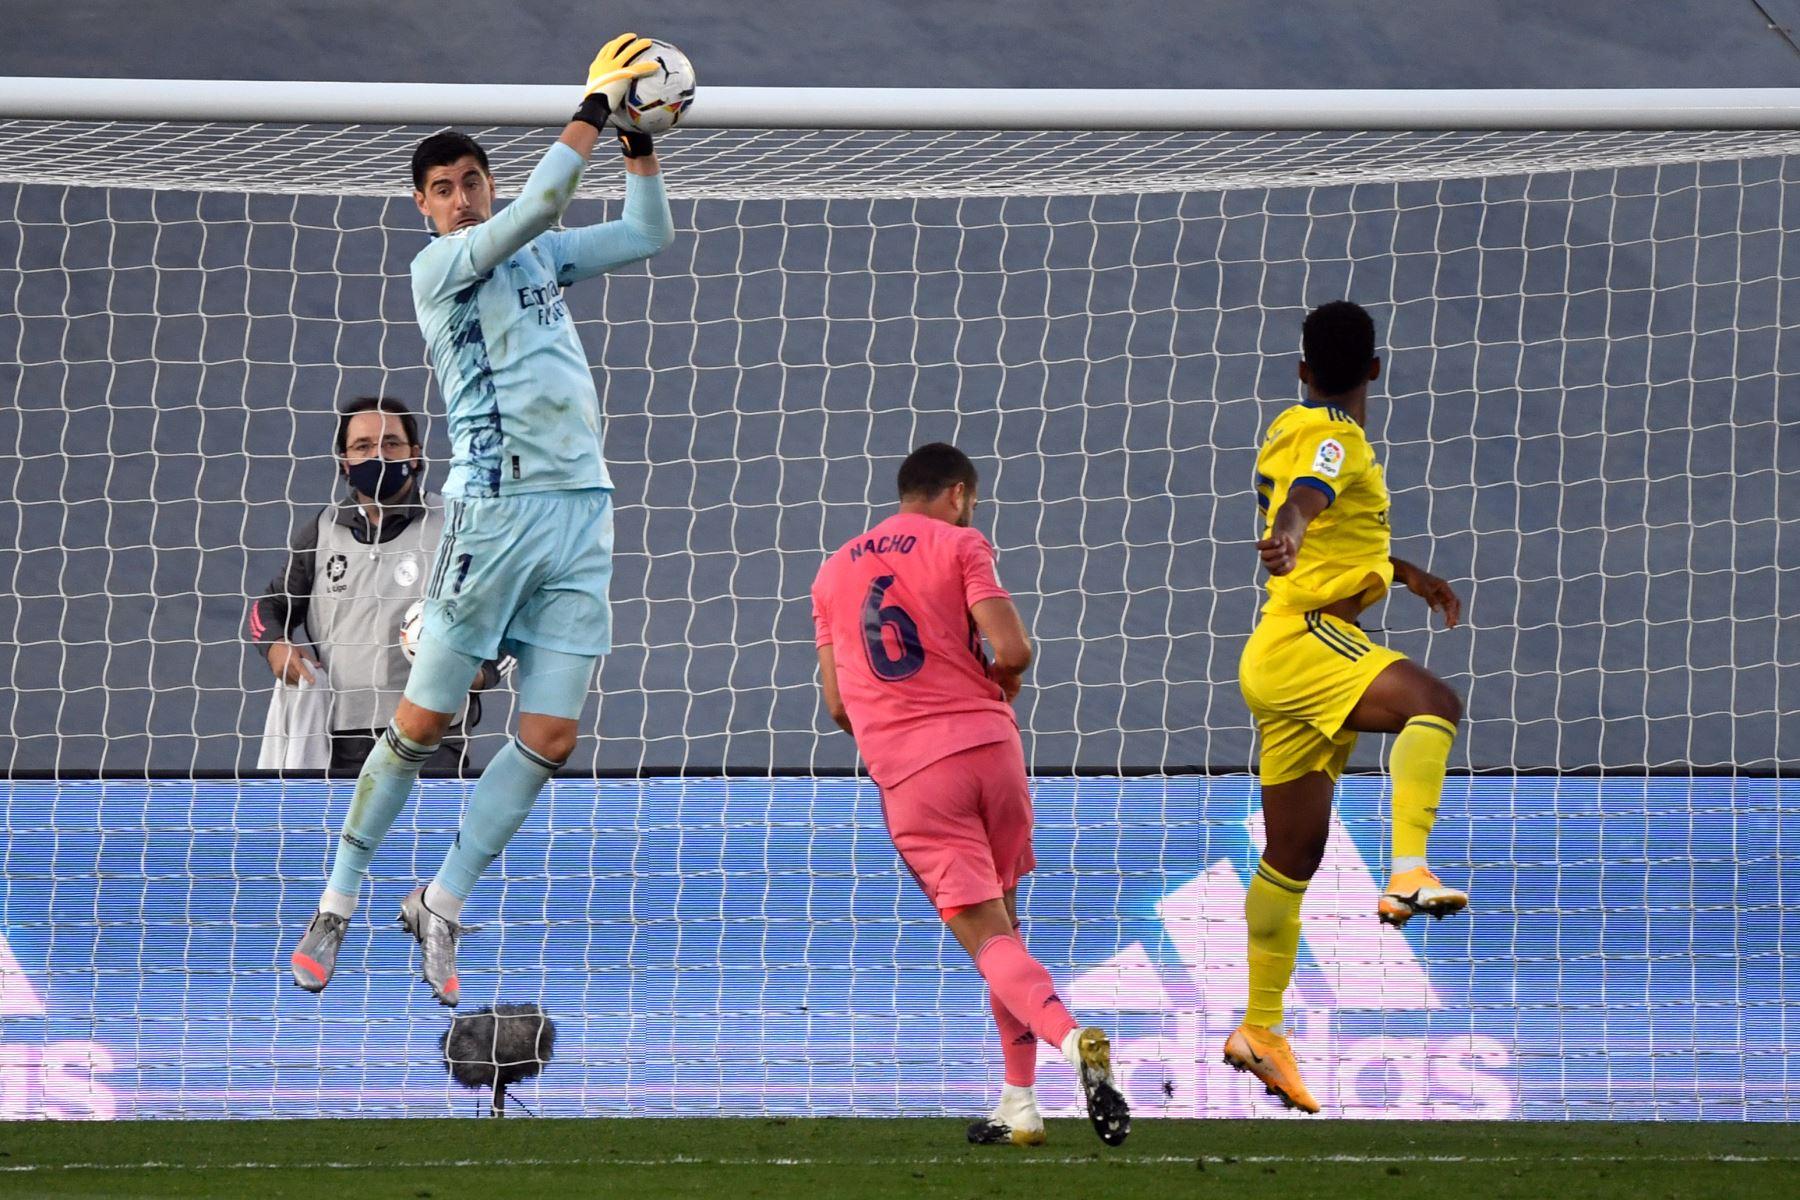 El portero belga del Real Madrid, Thibaut Courtois, salta para atrapar el balón durante el partido de fútbol de la Liga española en el estadio Alfredo Di Stefano, en Valdebebas, noreste de Madrid. Foto: AFP